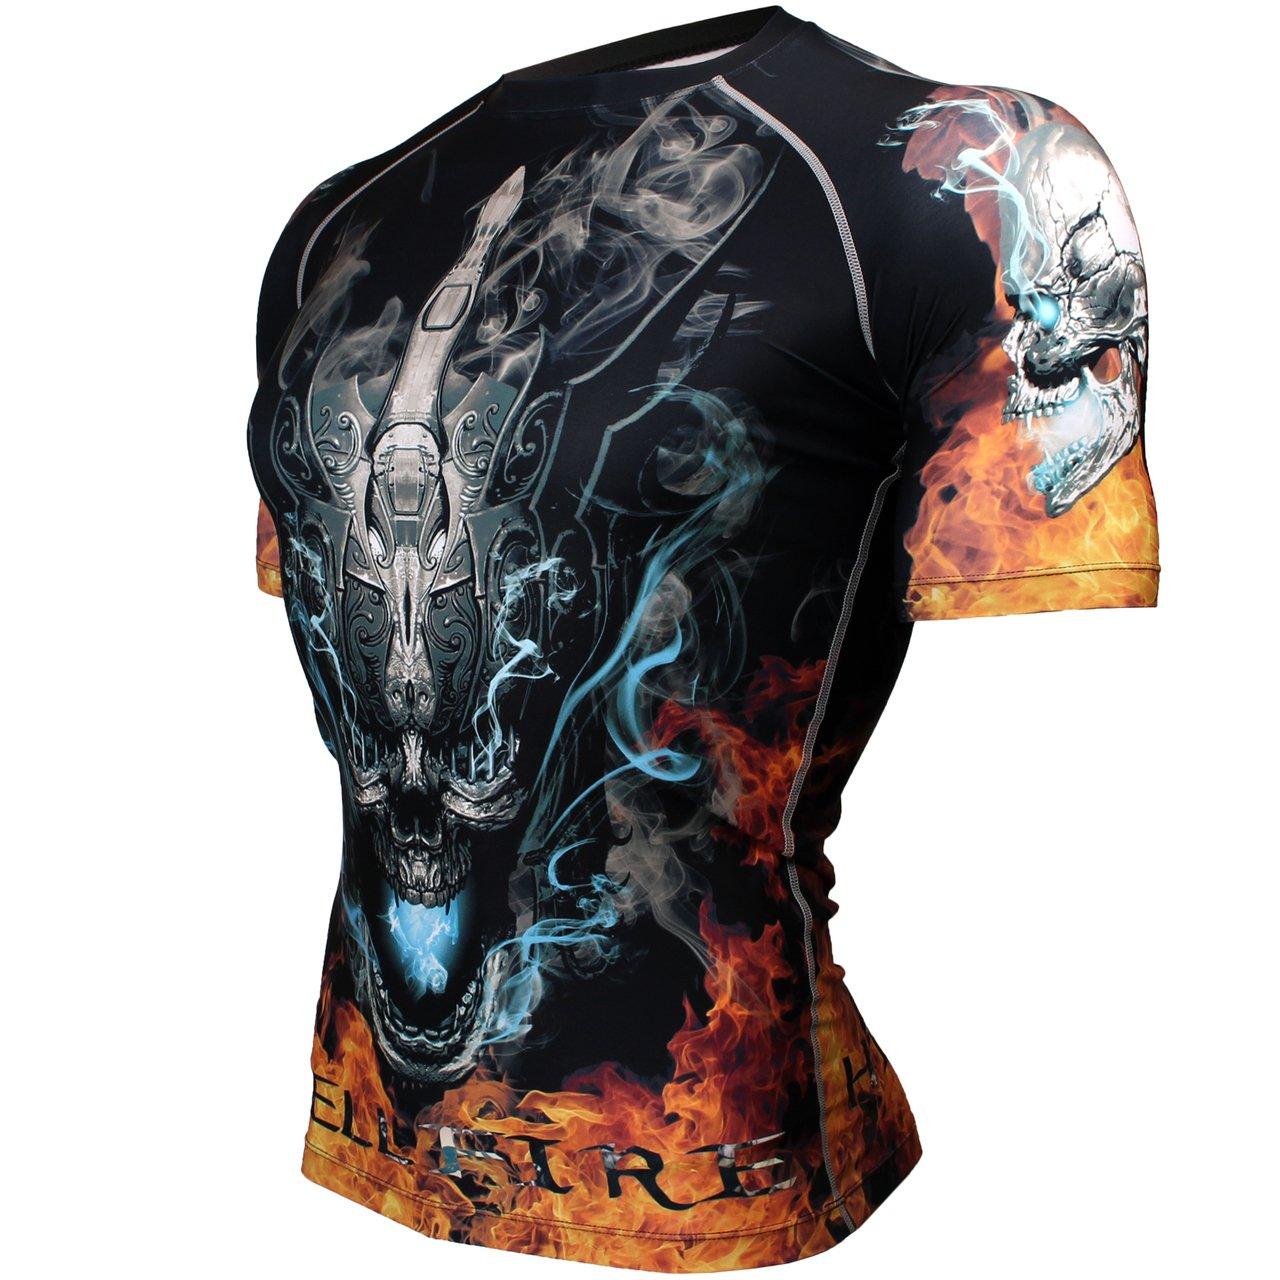 Btoperform Herren Damen MMA Running Bedruckt Kompression Yoga Shirts kurzen /Ärmeln fx-320